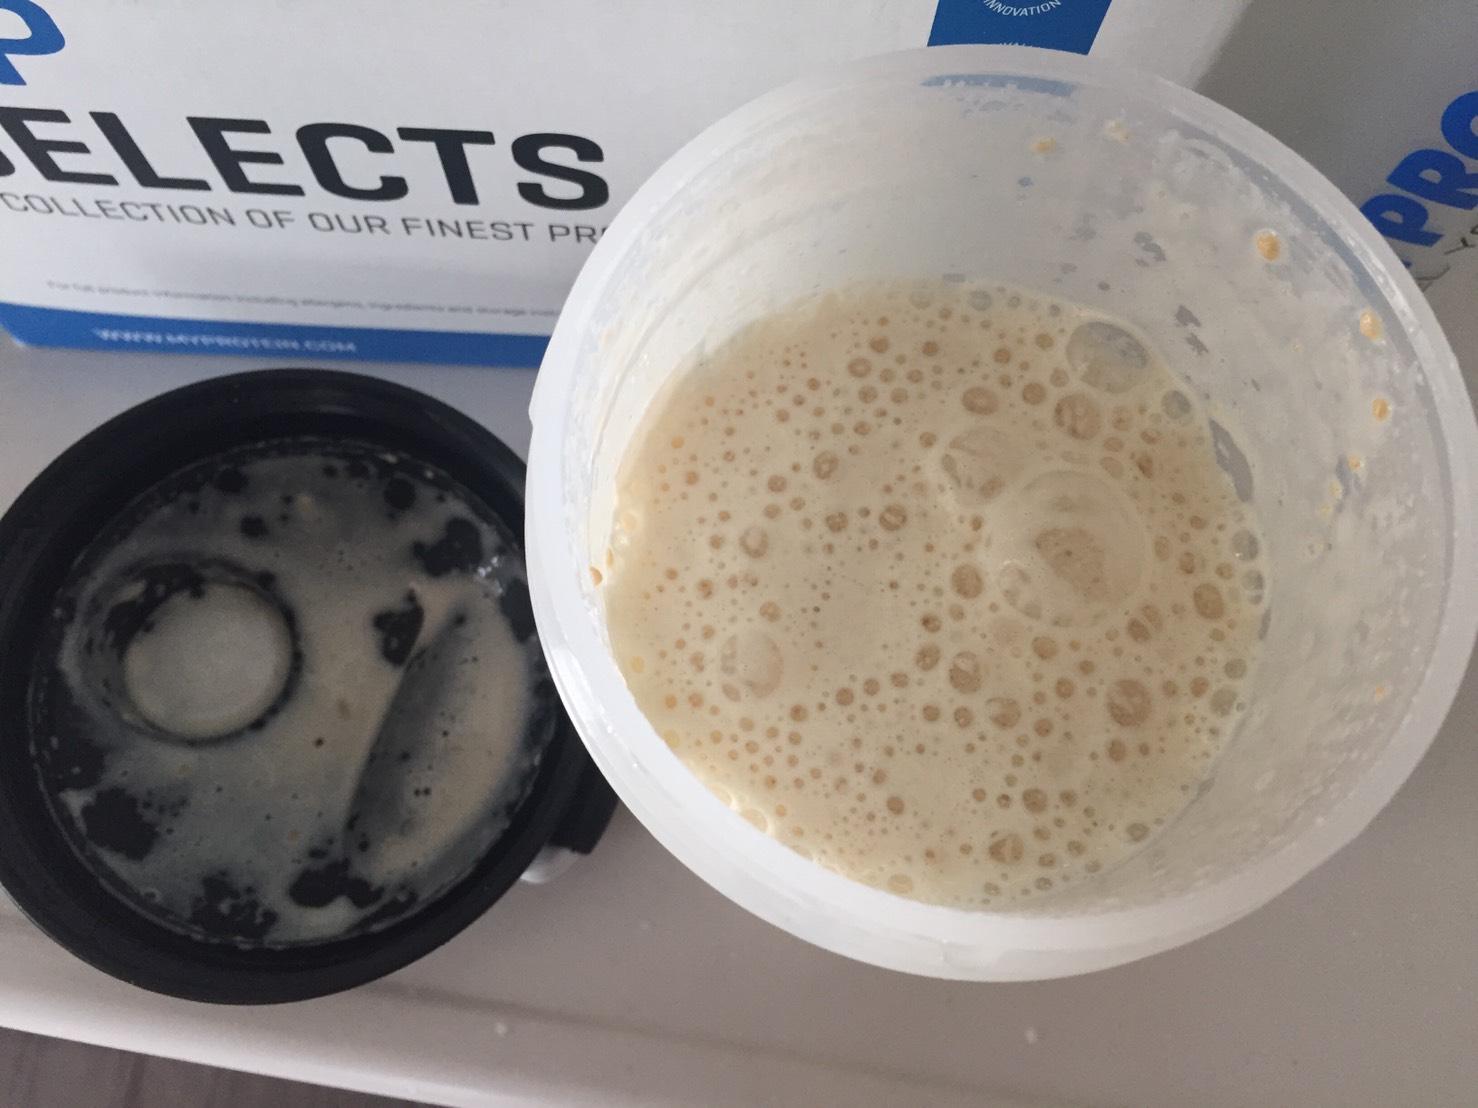 ピーカンパイ味は200mlの牛乳で割るとダマが残る